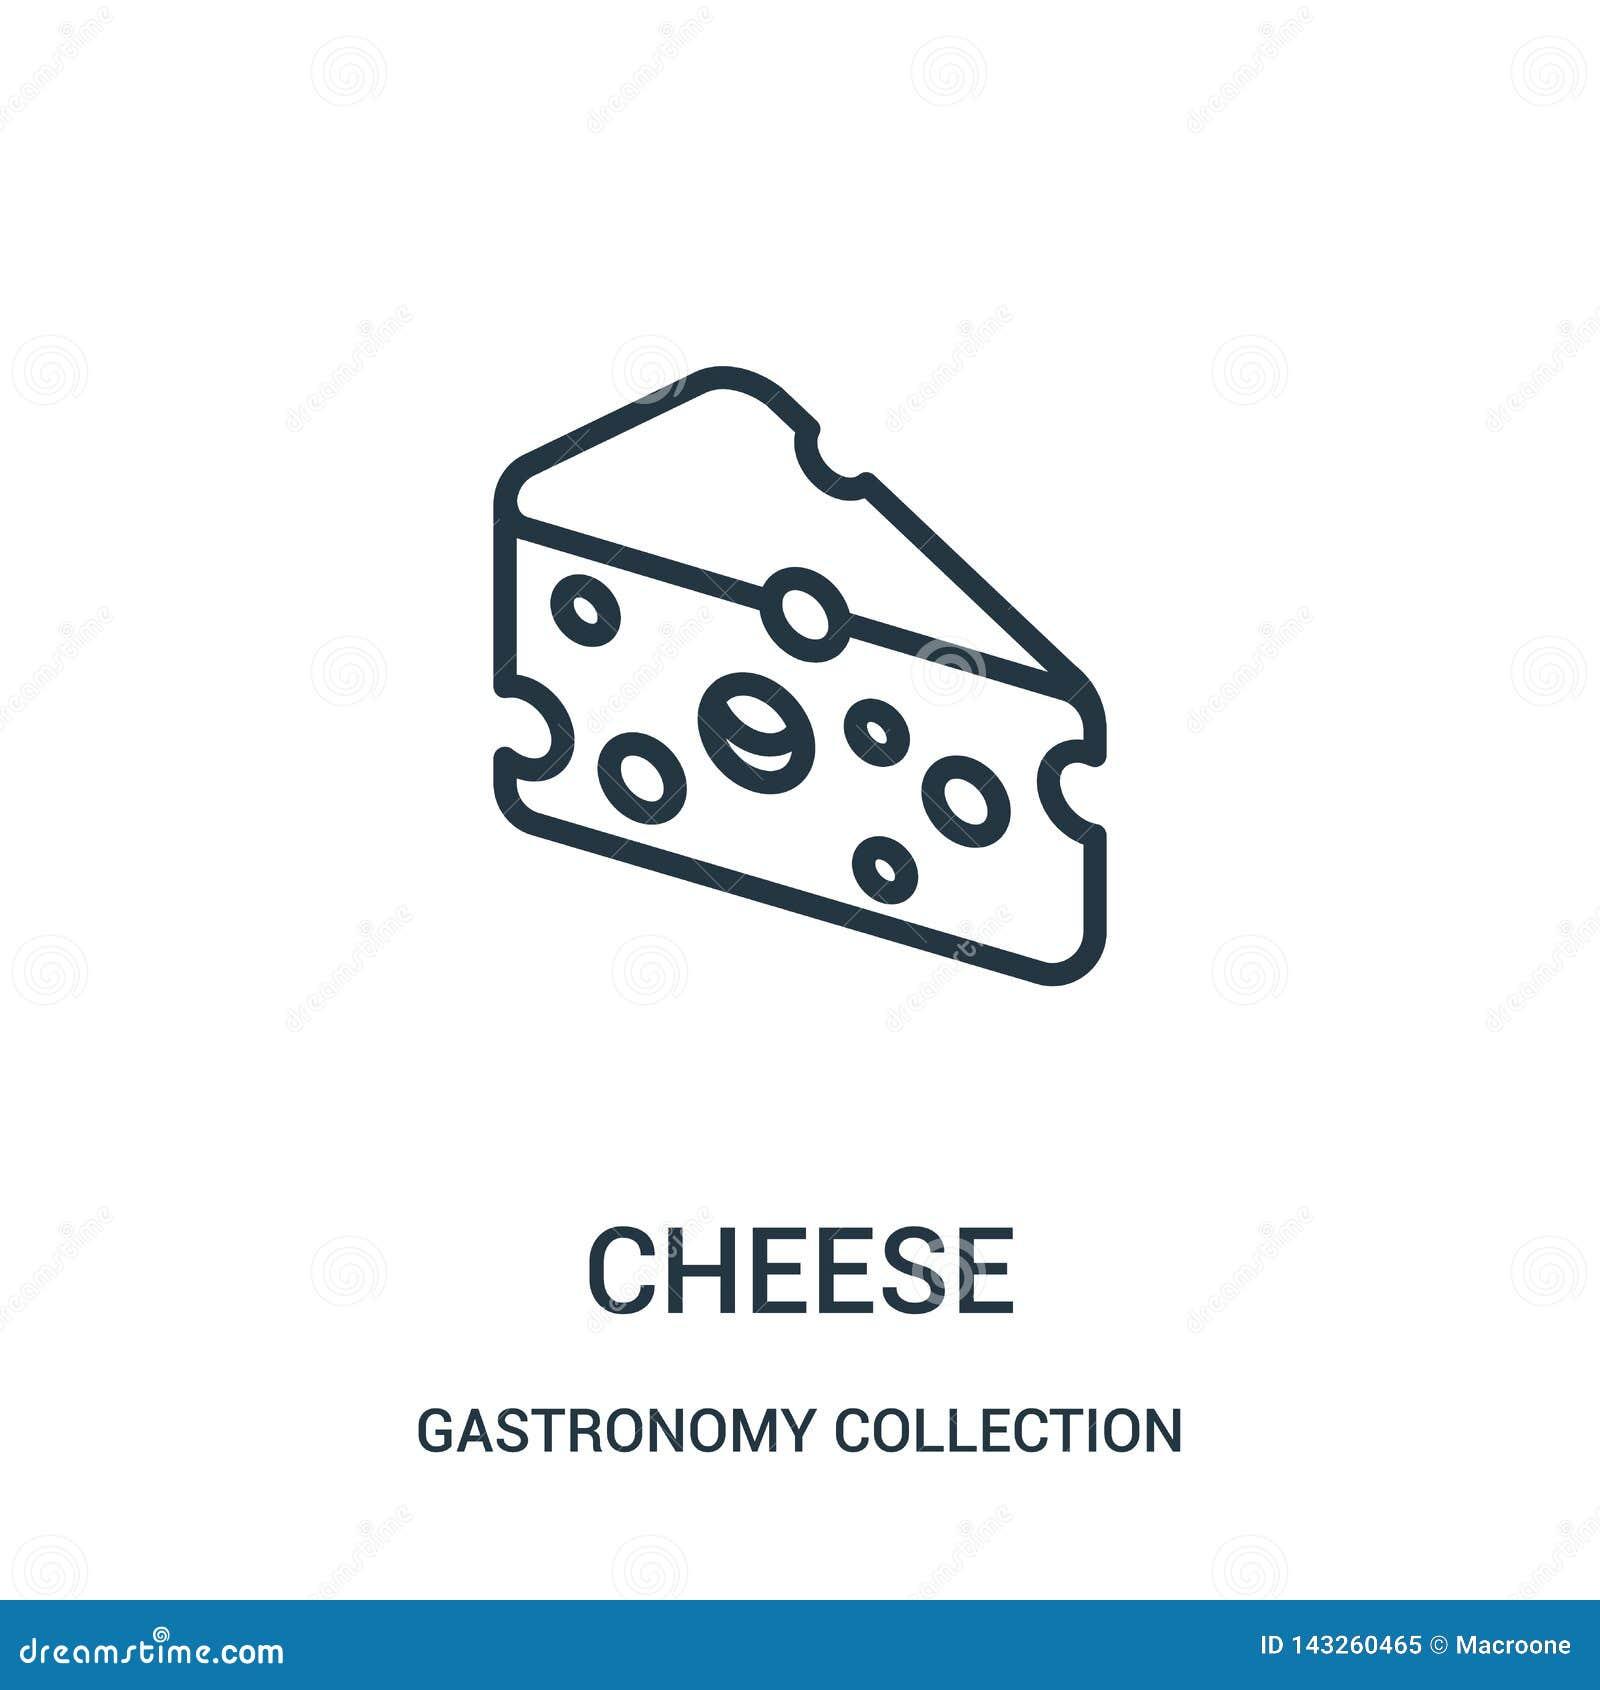 Vector del icono del queso de la colecci?n de la colecci?n de la gastronom?a L?nea fina ejemplo del vector del icono del esquema